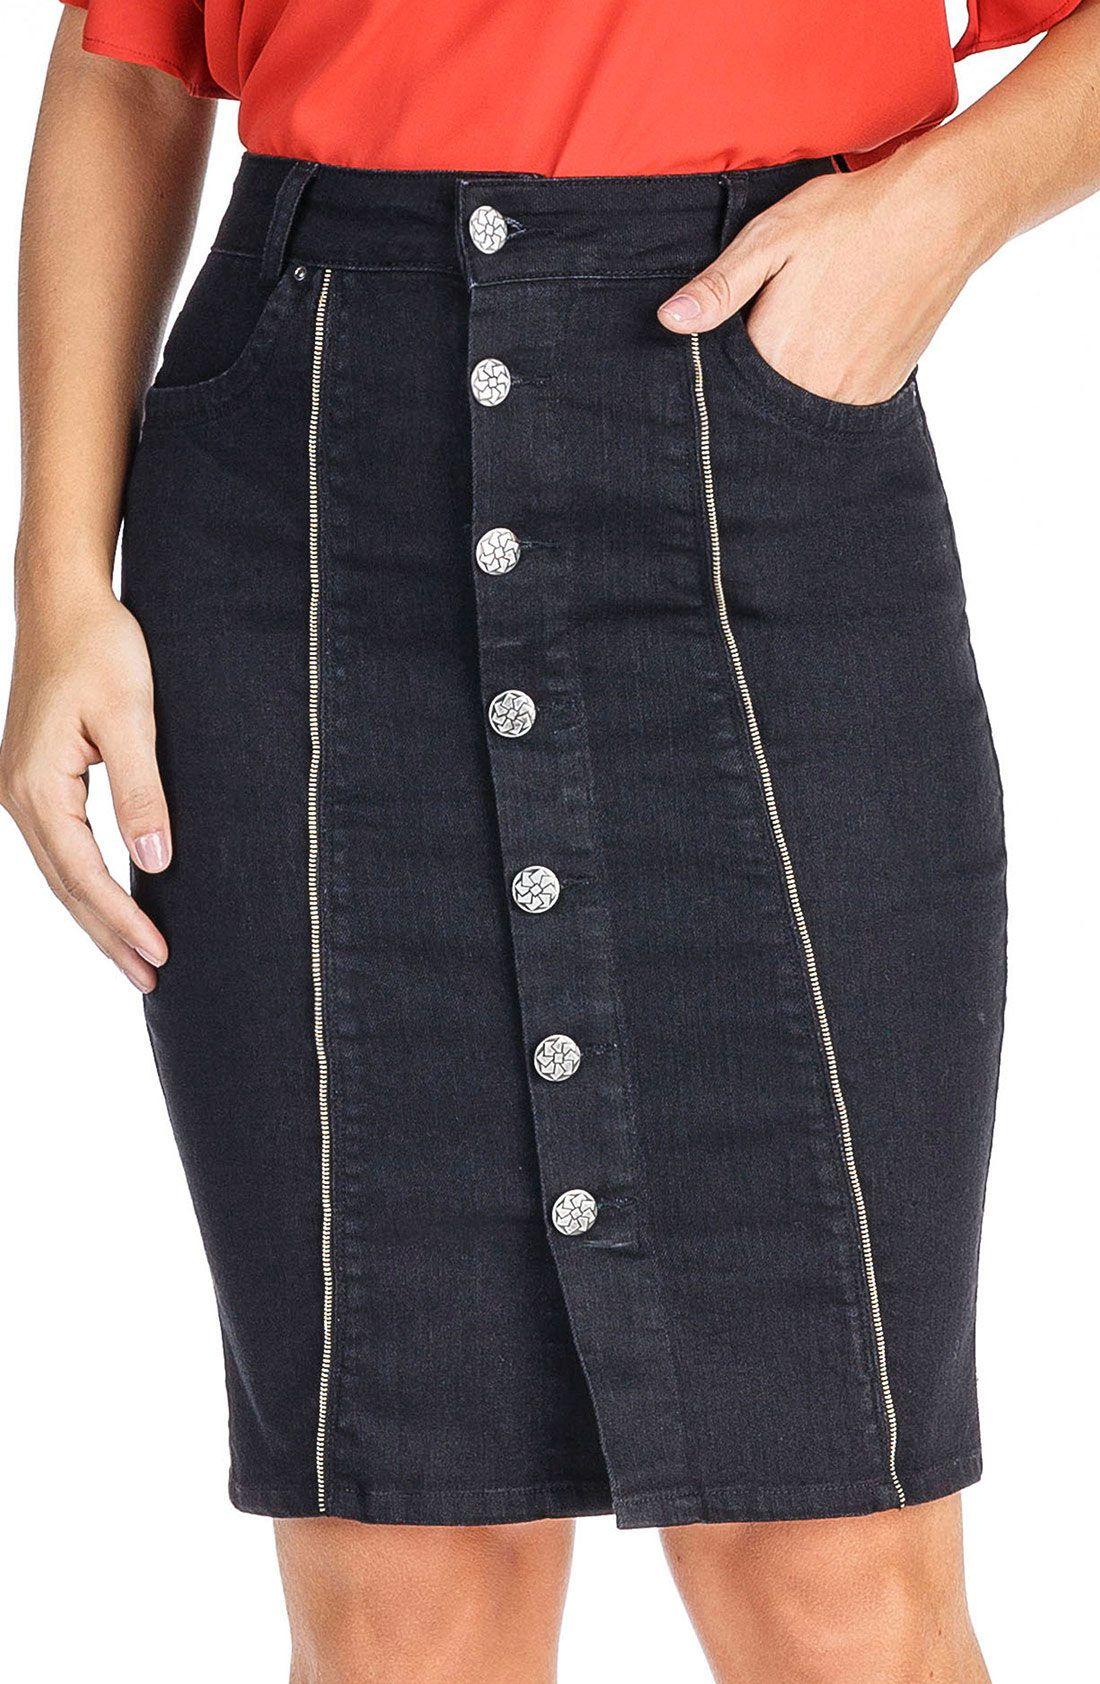 Saia Preta Jeans com Botões na Frente Dyork Jeans